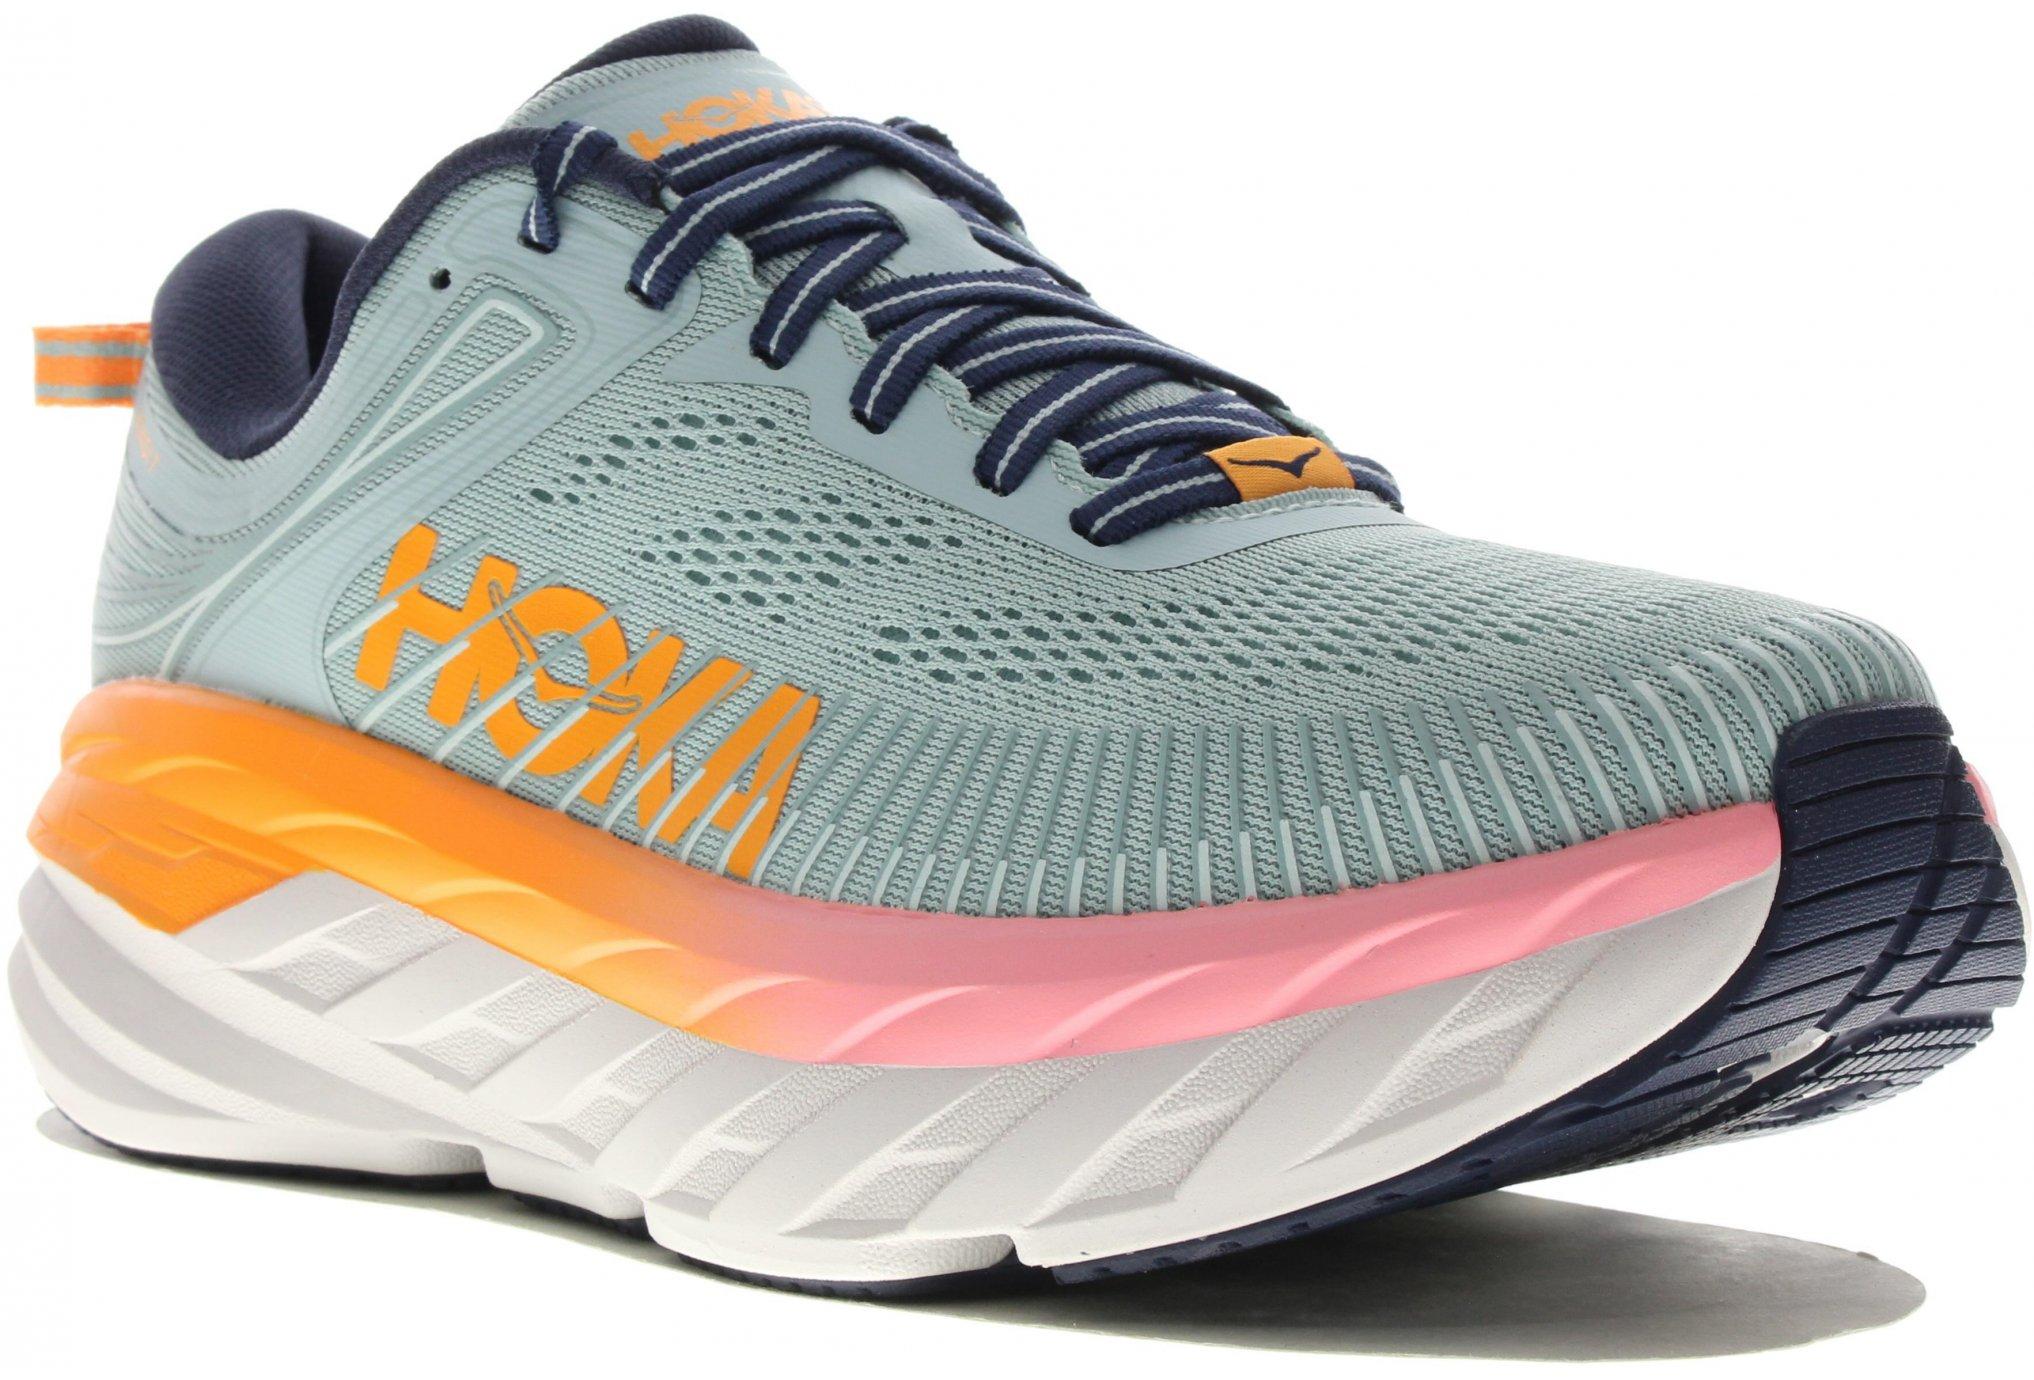 Hoka One One Bondi 7 Wide Chaussures running femme